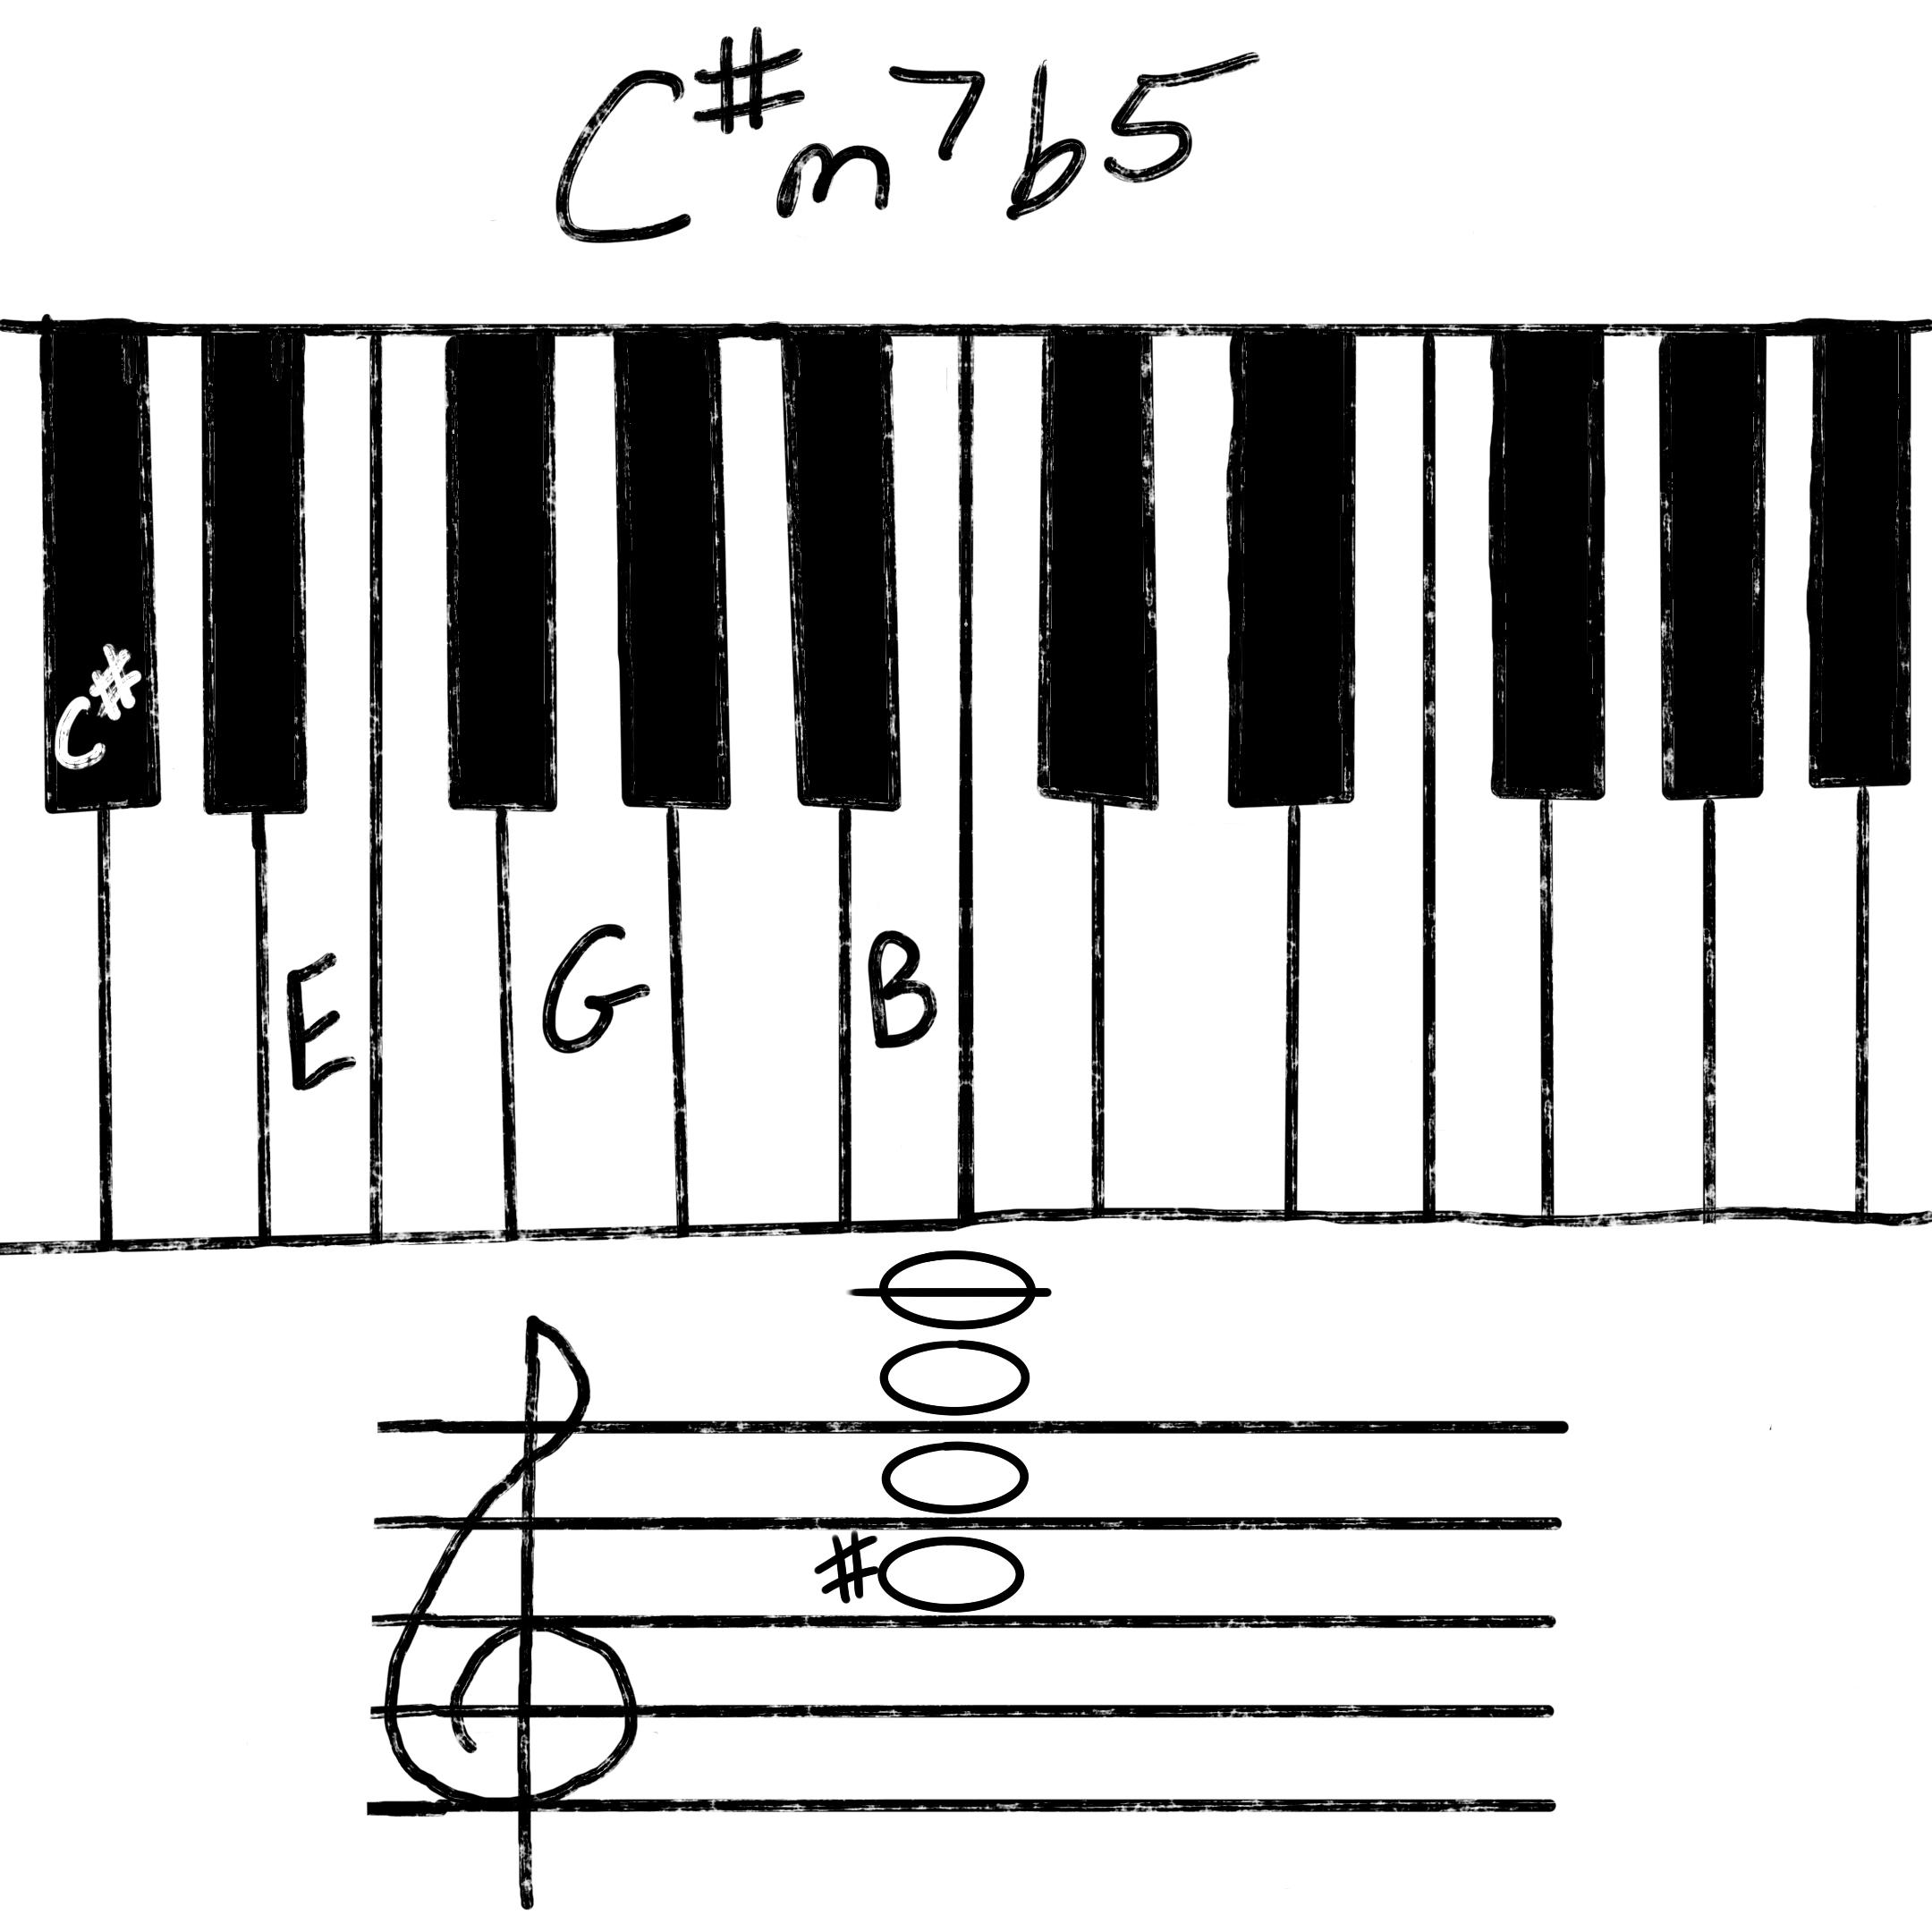 C#m7b5